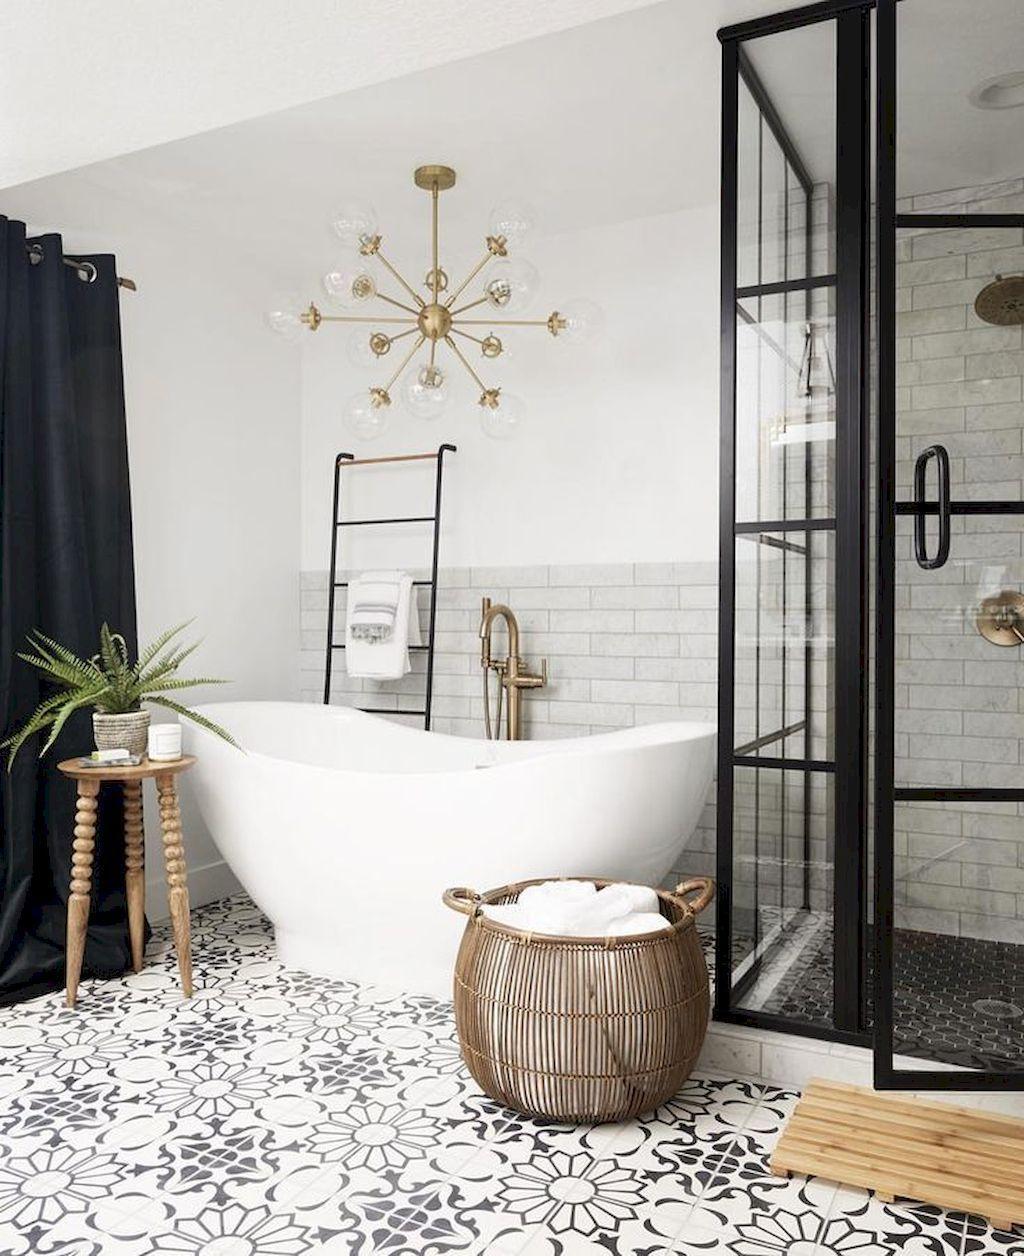 90 Master Badezimmer Deko Ideen Mit Bildern Badezimmer Design Badezimmer Im Keller Kleine Badezimmer